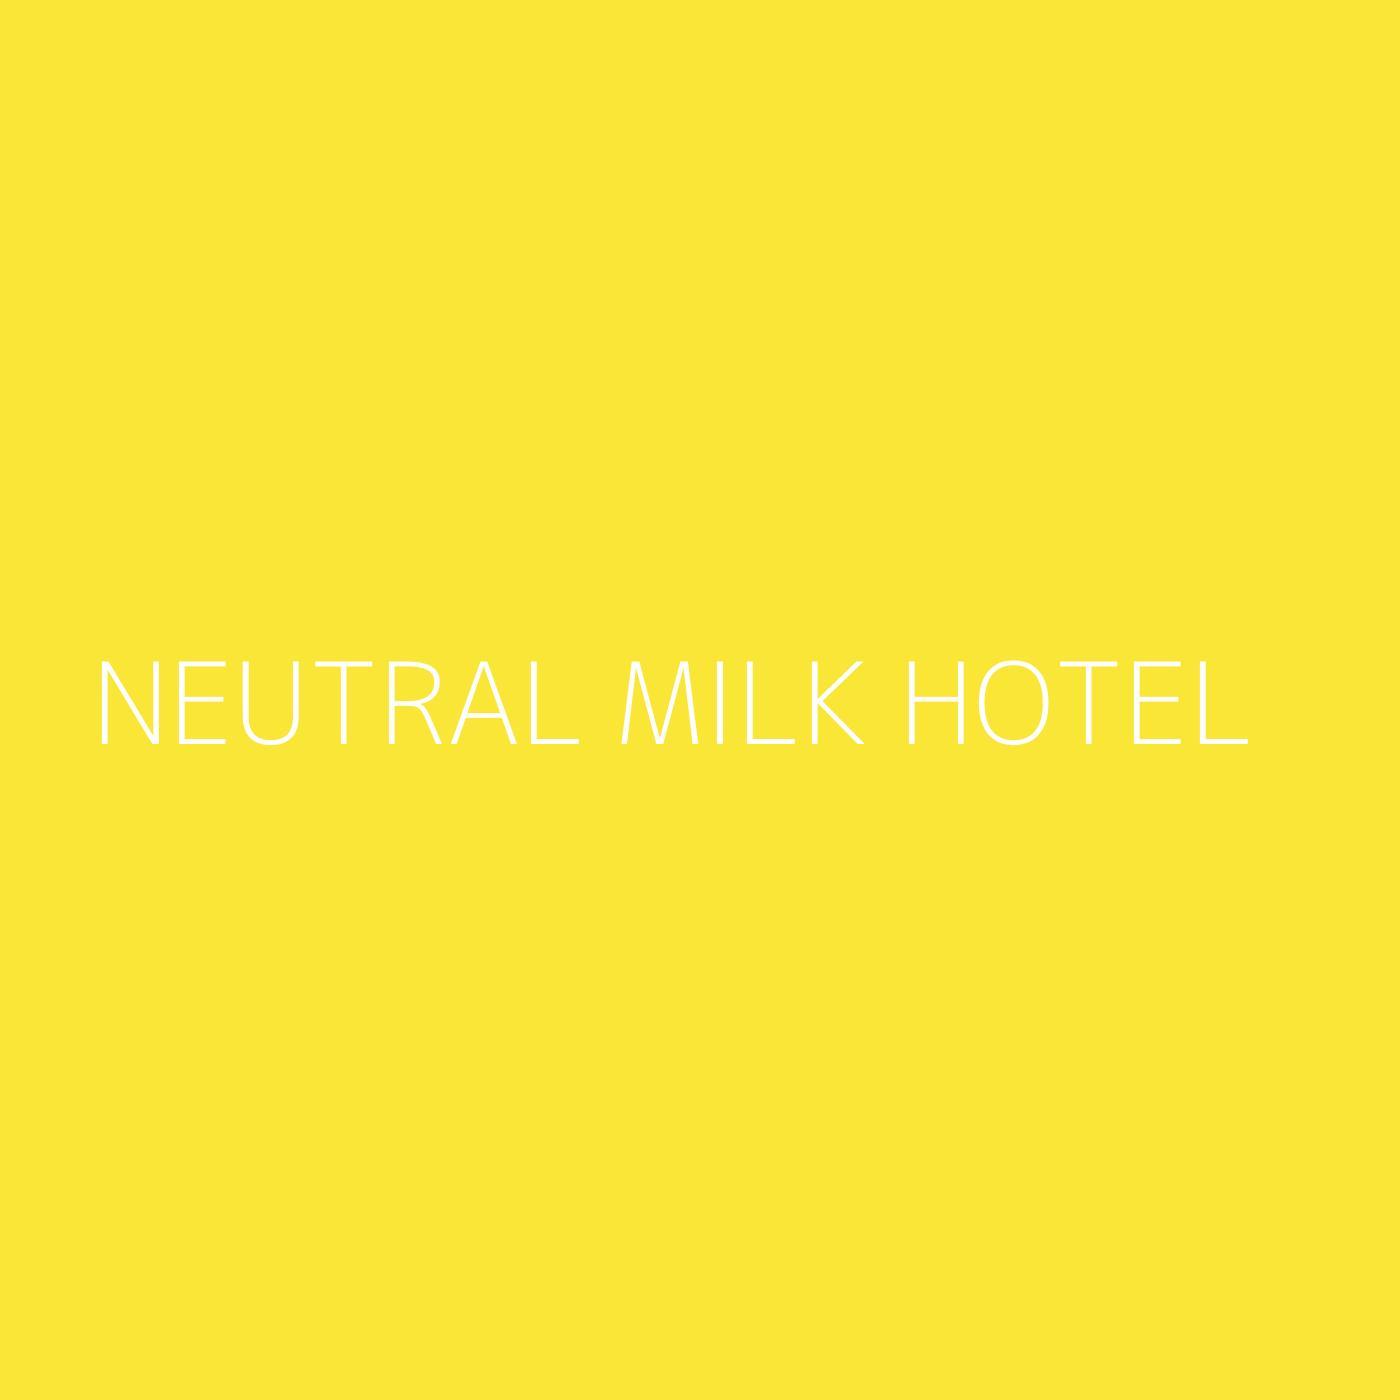 Neutral Milk Hotel Playlist Artwork